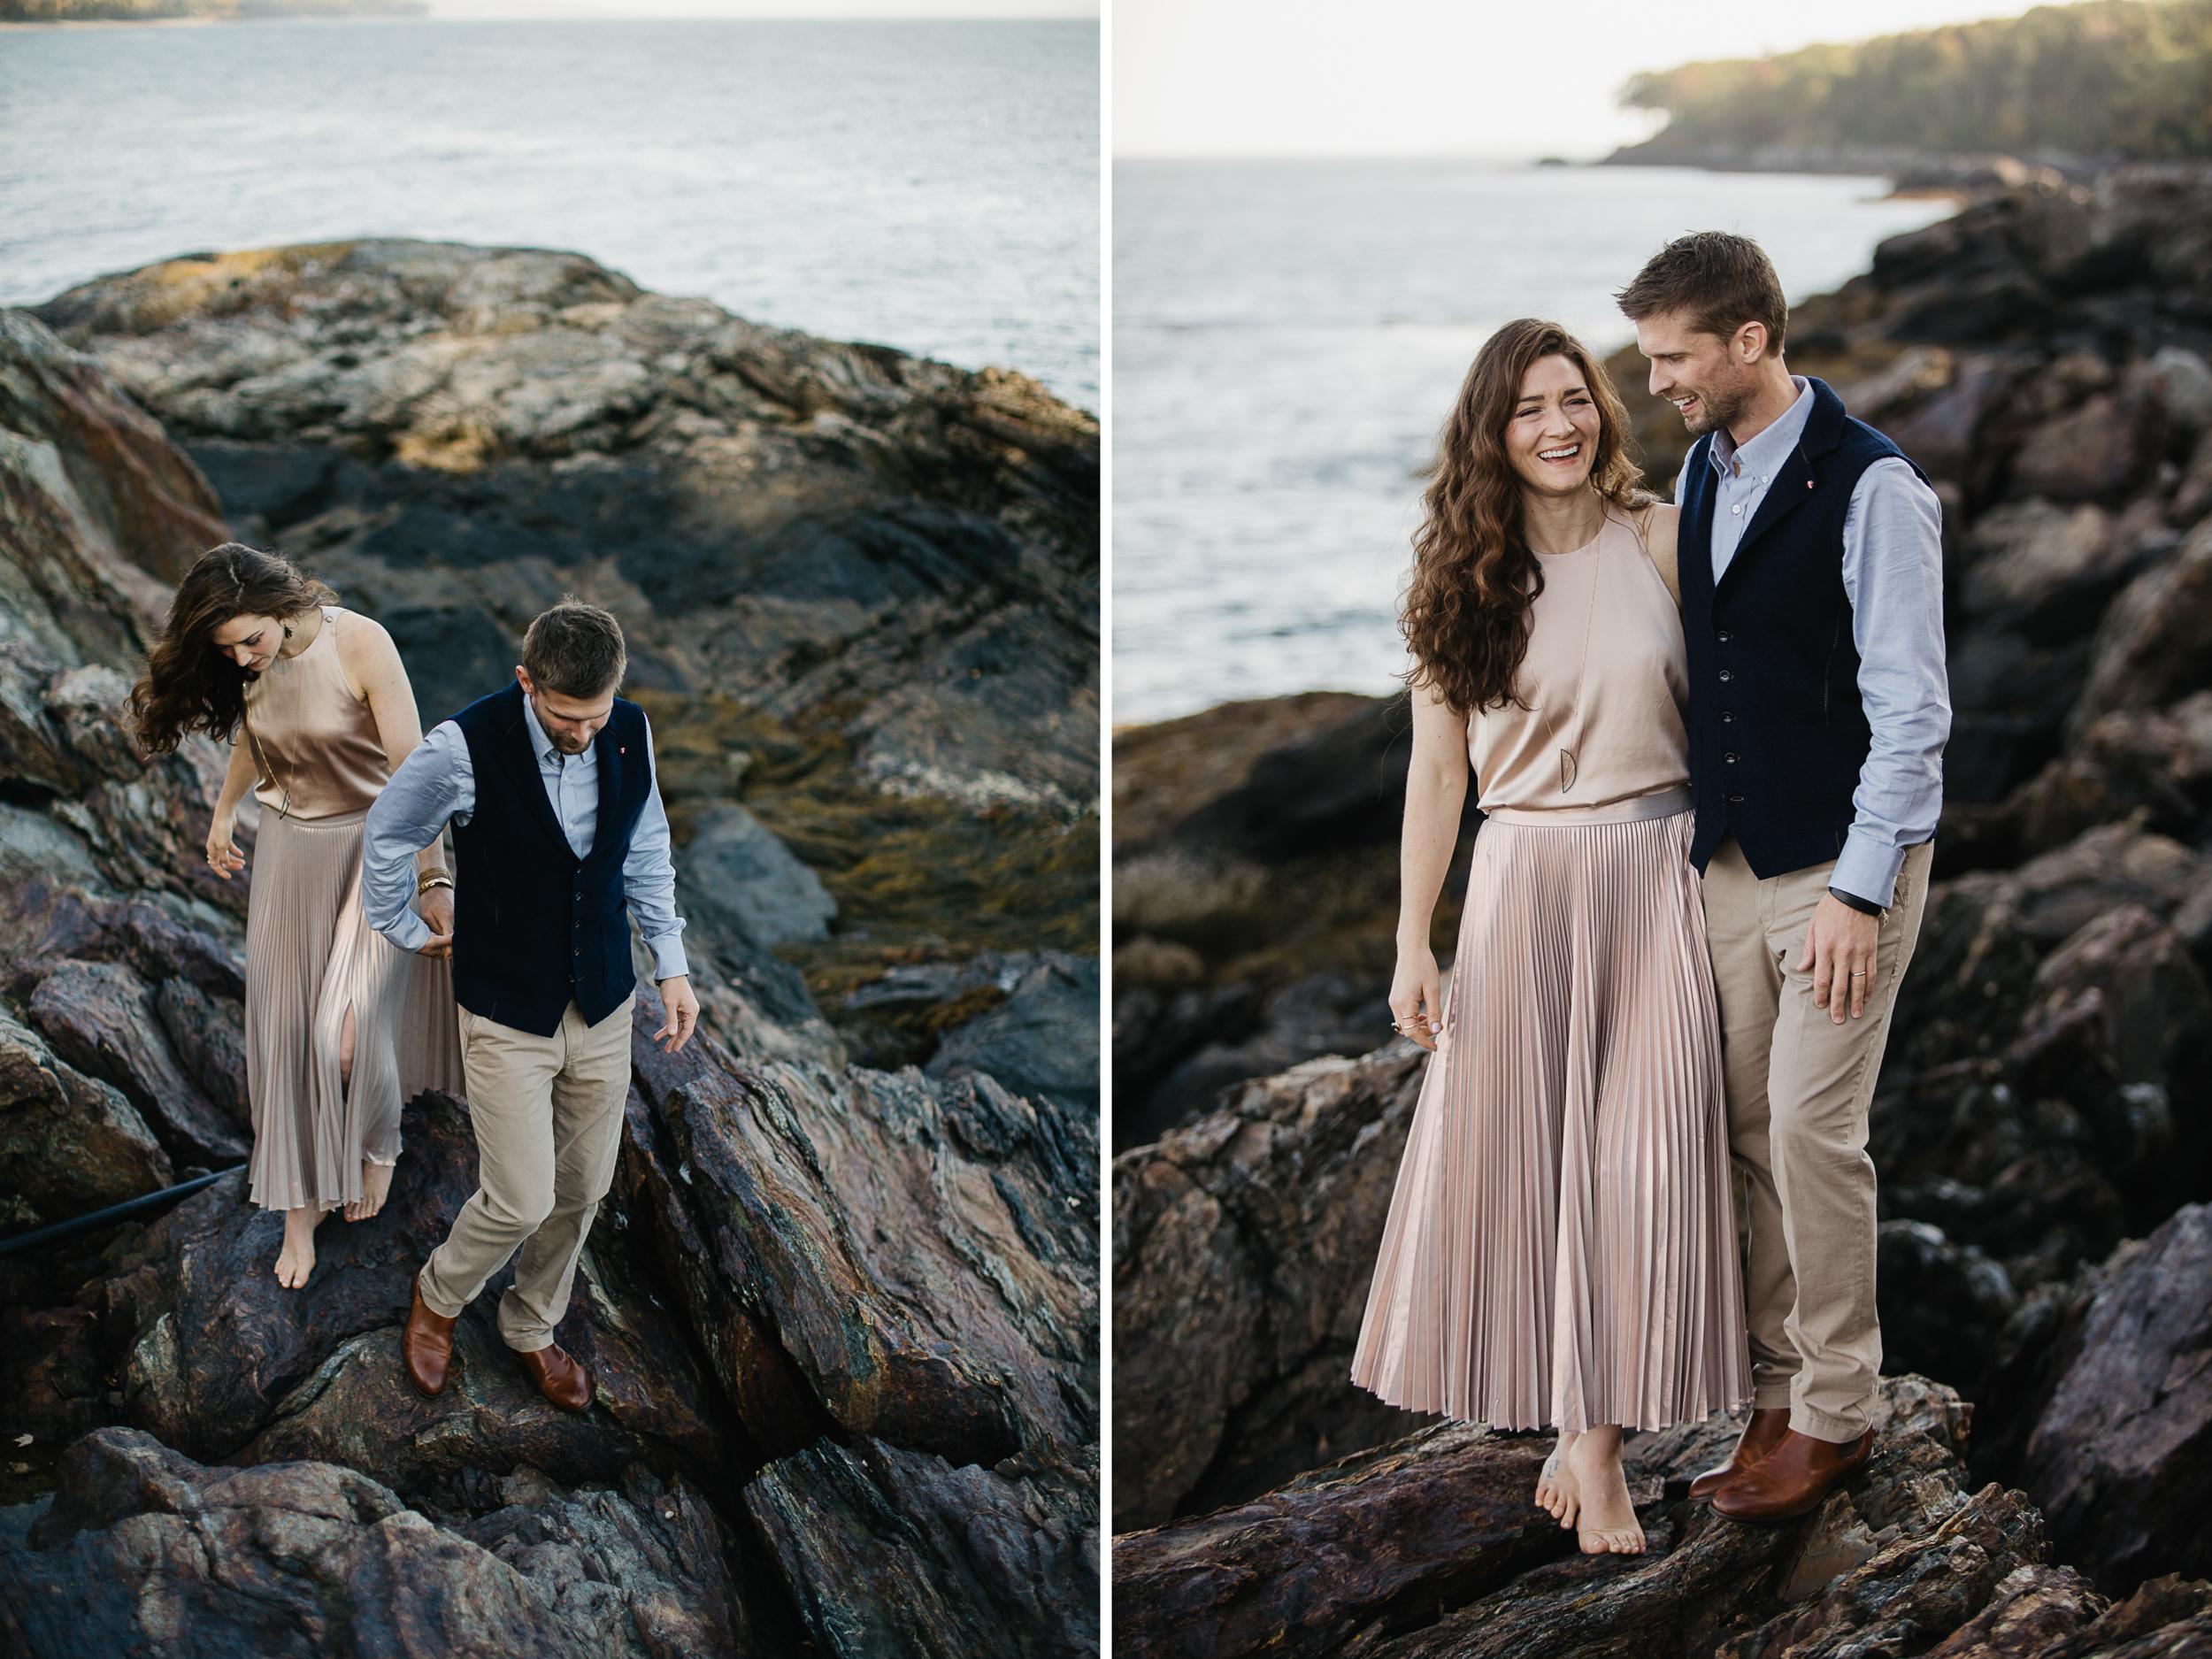 Mackenzie_Collins_Day_Two_Flatbread_Company_rockport_Maine_wedding_001.jpg